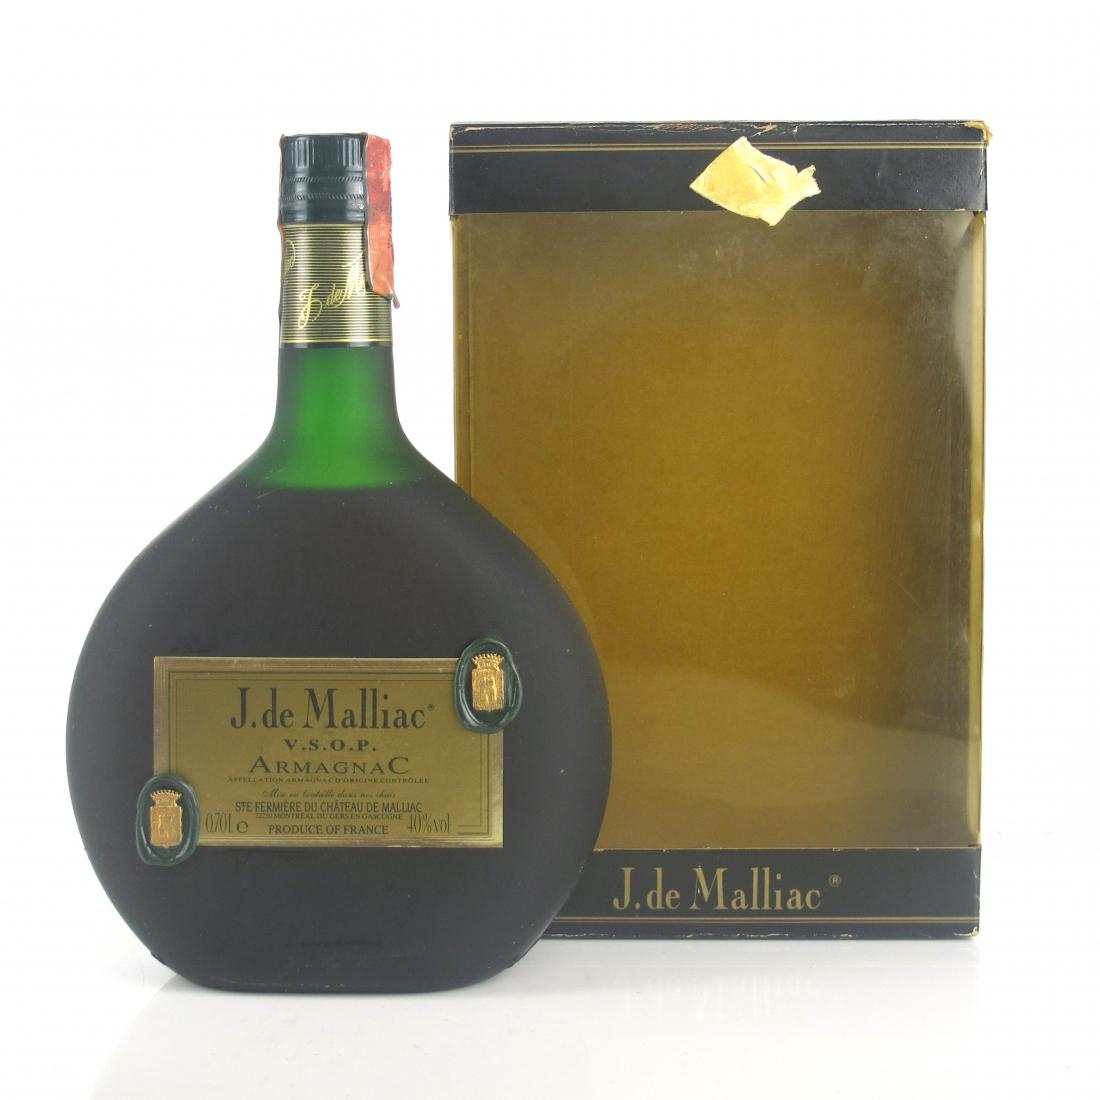 J. de Malliac VSOP Armagnac